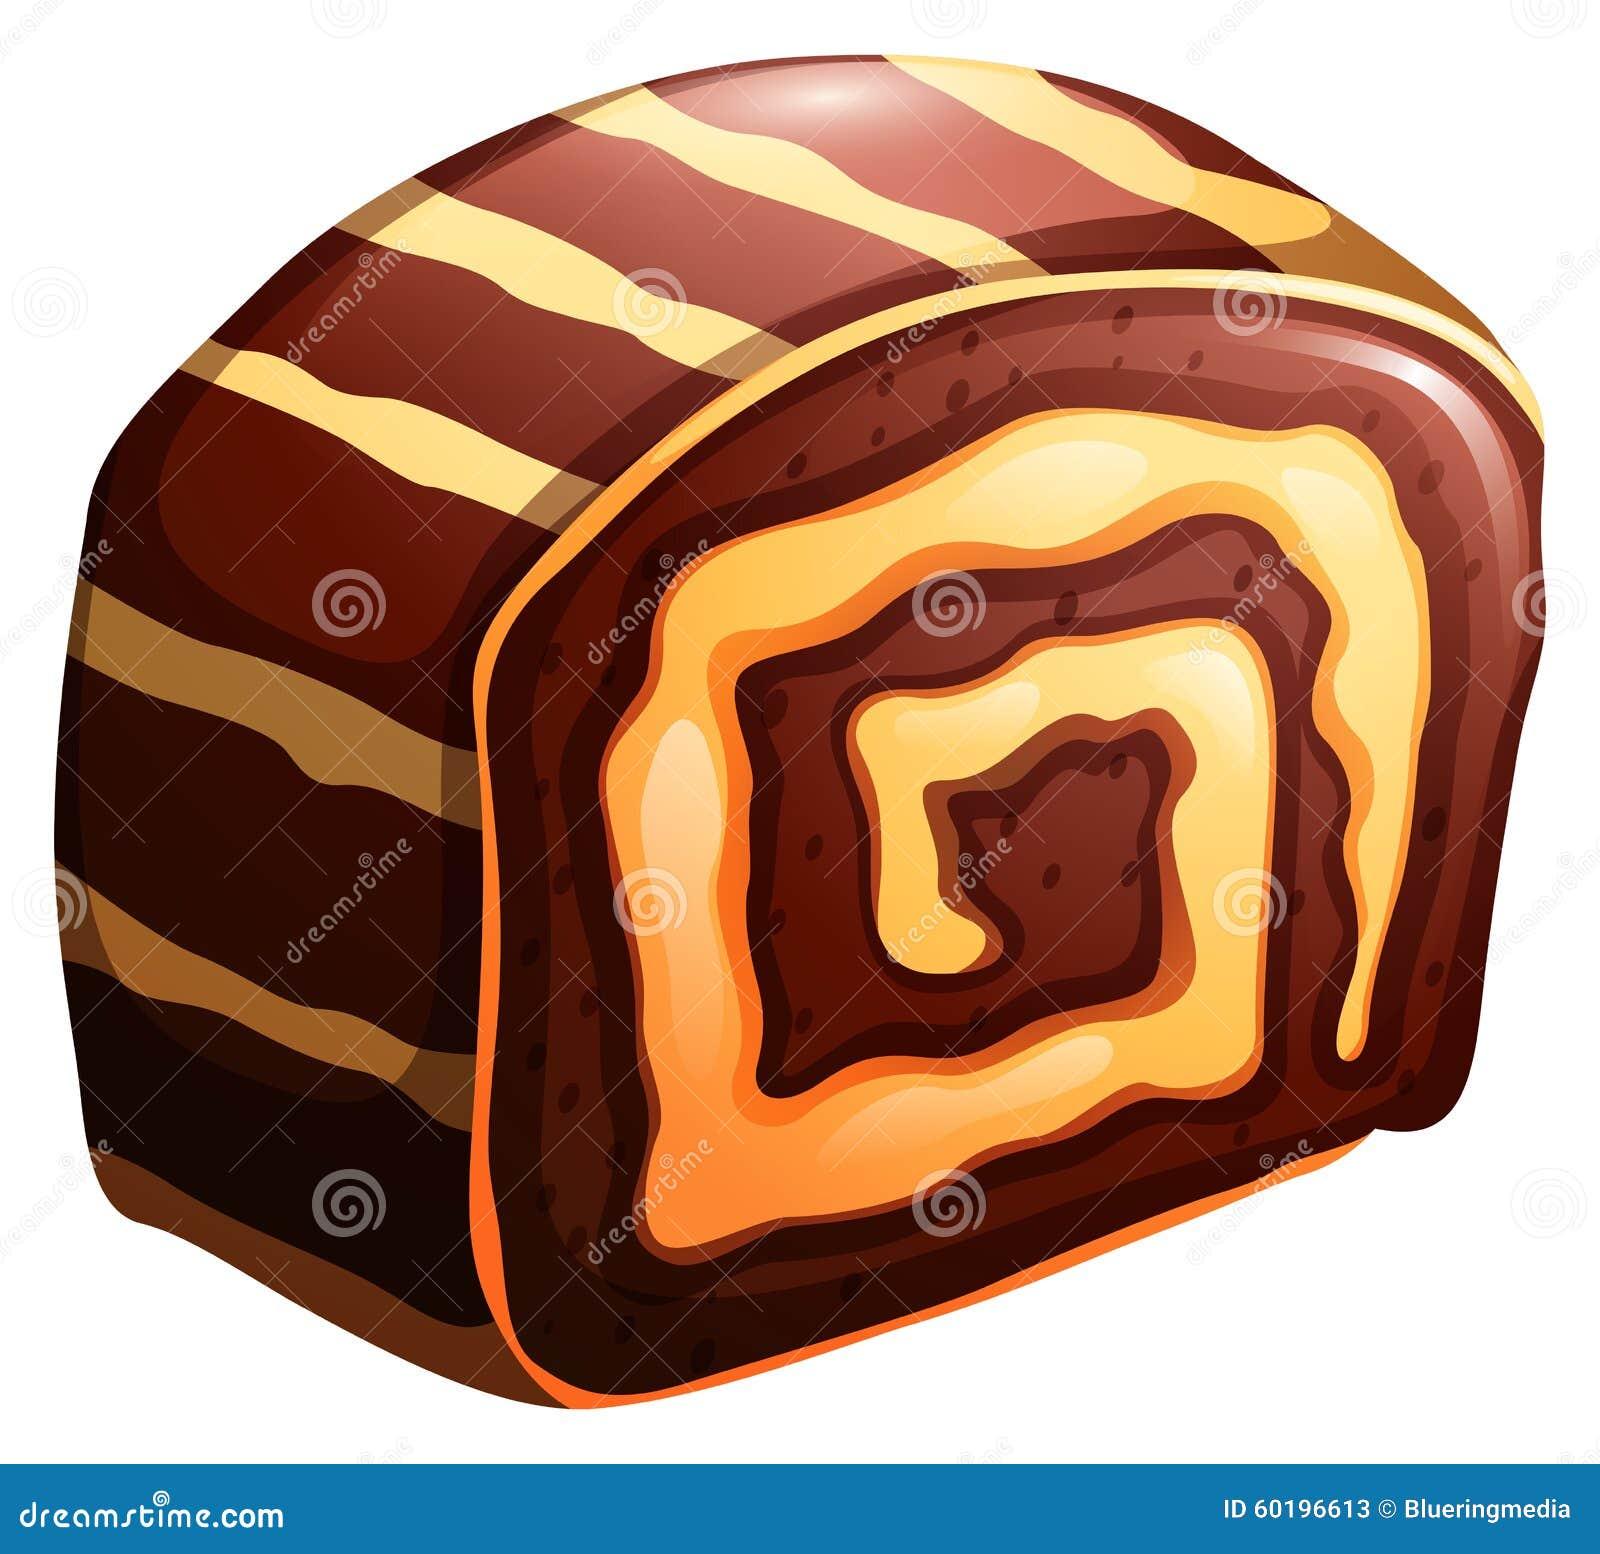 蛋糕卷巧克力和香草味道